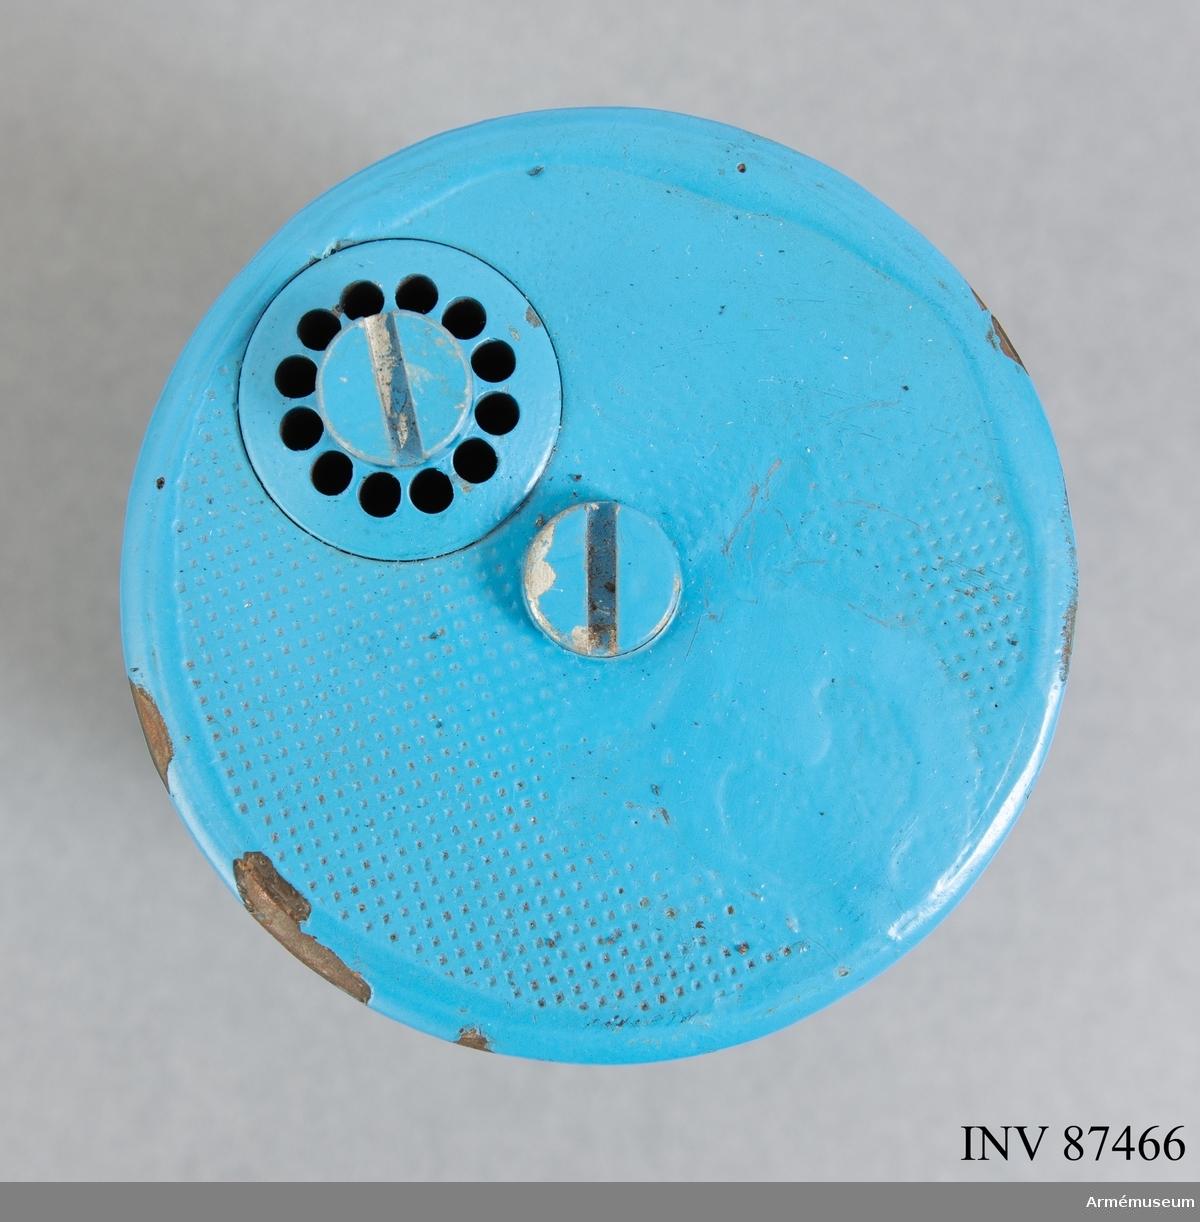 Minkroppen är blåmålad till skillnad från den skarpa och saknar hoppfunktion, spräng- och drivladdning. Hölje av plåt. Förpackades i truppminlåda 11 om 6 minor med tillhörande mintändare och 12 spolar snubbeltråd. Runt mintändaren finns utströmningshål för rök som normalt alstrades vid utlösning av övningsminan. Innehöll 0,02 kg rökkropp. Minan kunde användas på nytt efter applicering av ny rökkropp och mintändare.  En skarp truppmina 11 var en metallisk hoppmina som liksom denna hade en vikt på 4 kg. Utlöses med snubbeltråd fäst i utlösaren på mintändaren. Hoppade upp till 1,2 meters höjd och spred i och med detonationen splitterbildande skrot 15-25 meter i hög hastighet 15-25 meter i 360 grader.   Fylld med ballast som rasslar om föremålet vänds vilket ska få det att uppnå rätt vikt.  Bild 5 visar övningstruppmina 11 med övningsmintändare 15 ovanpå, se AM.087468.